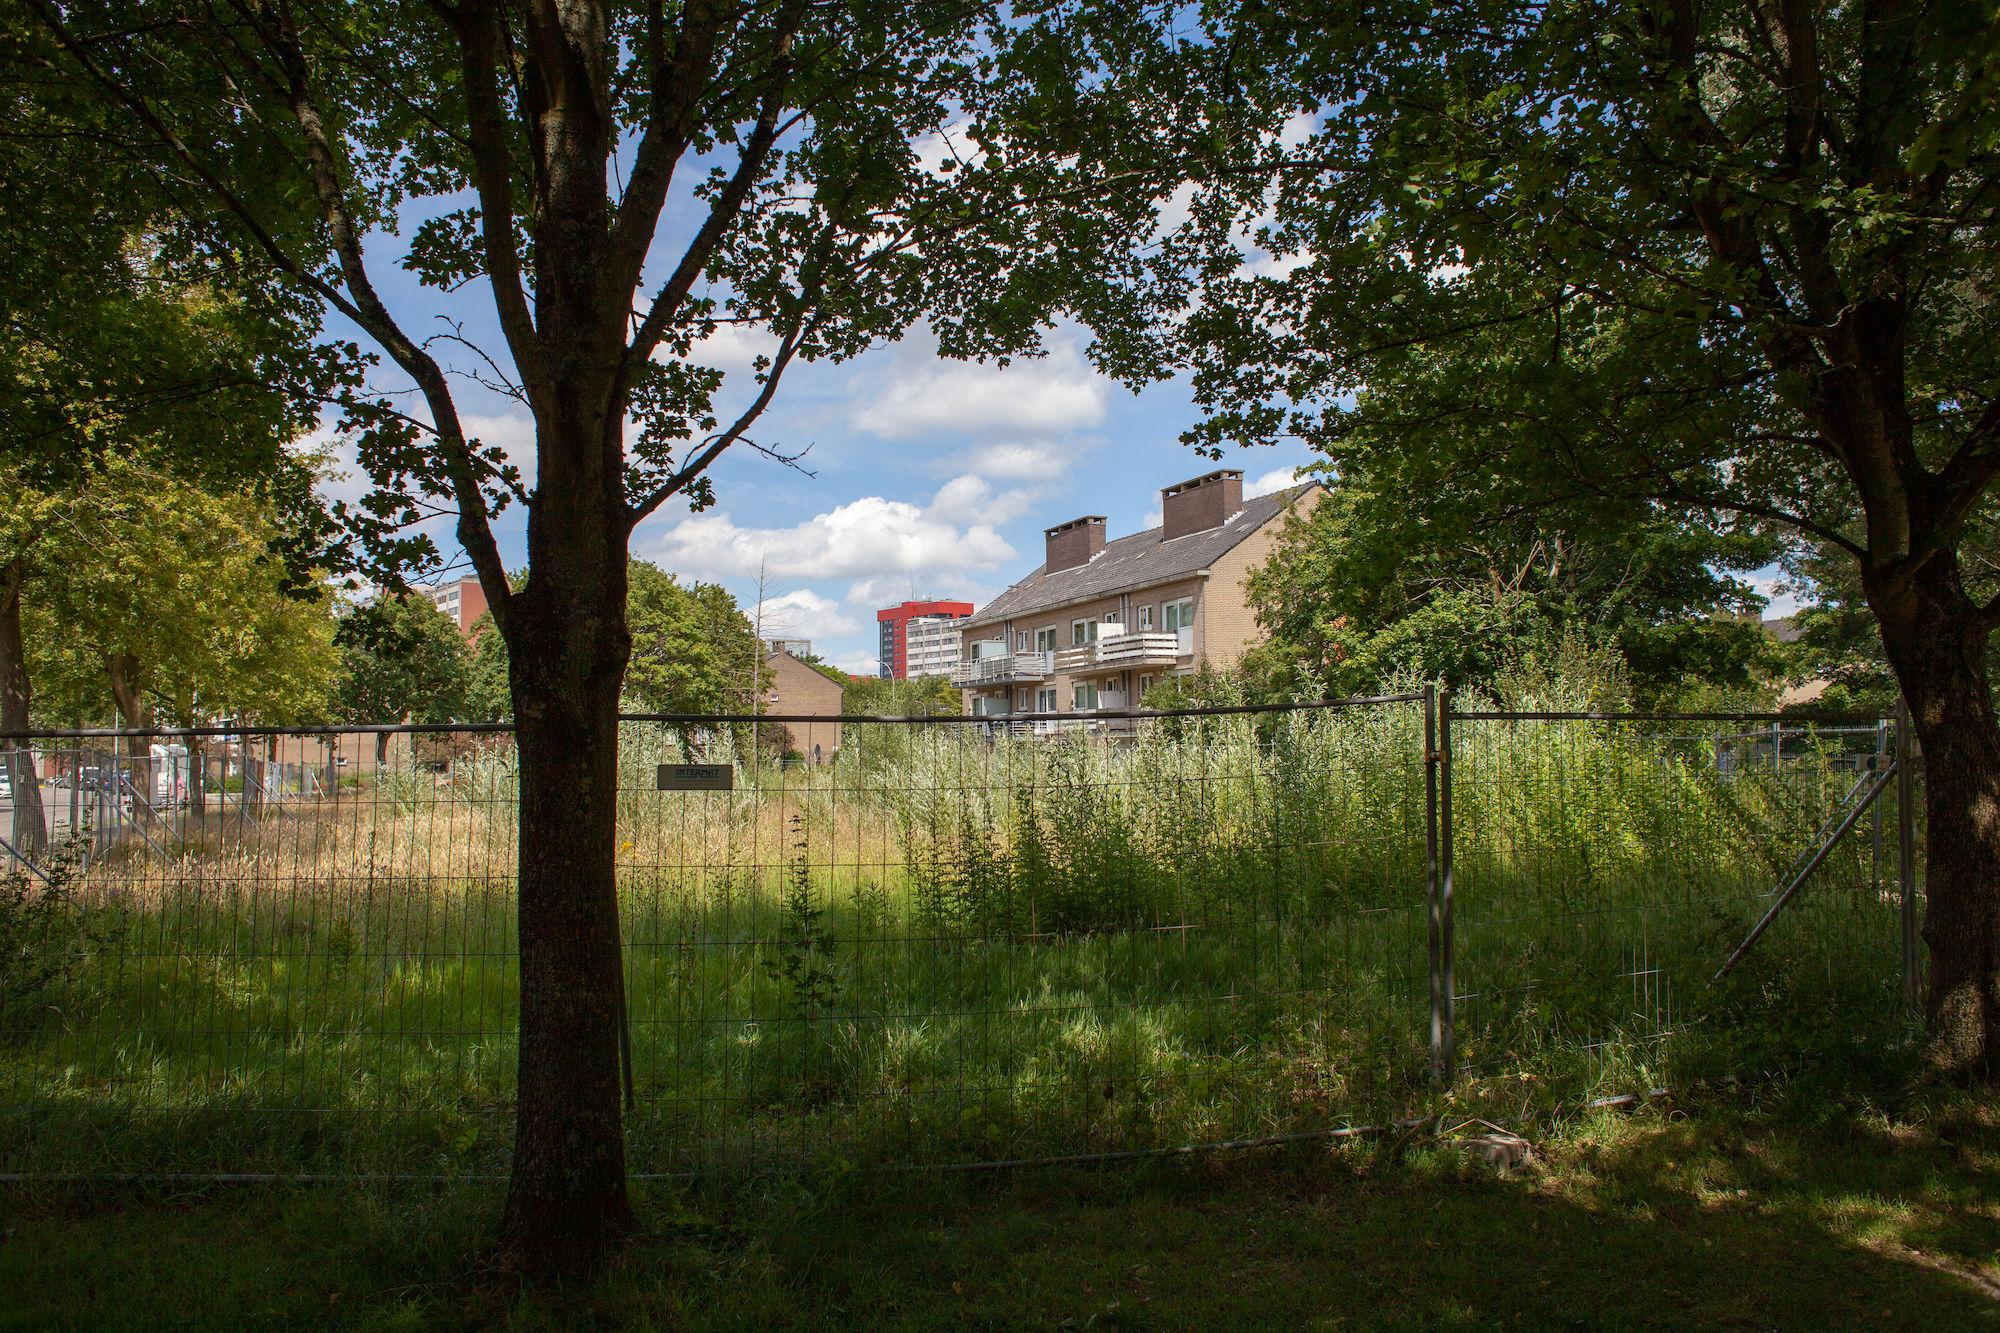 2019-07-01 Nieuw Gent prospectie met Wannes_stadsvernieuwing_IMG_0214-3.jpg